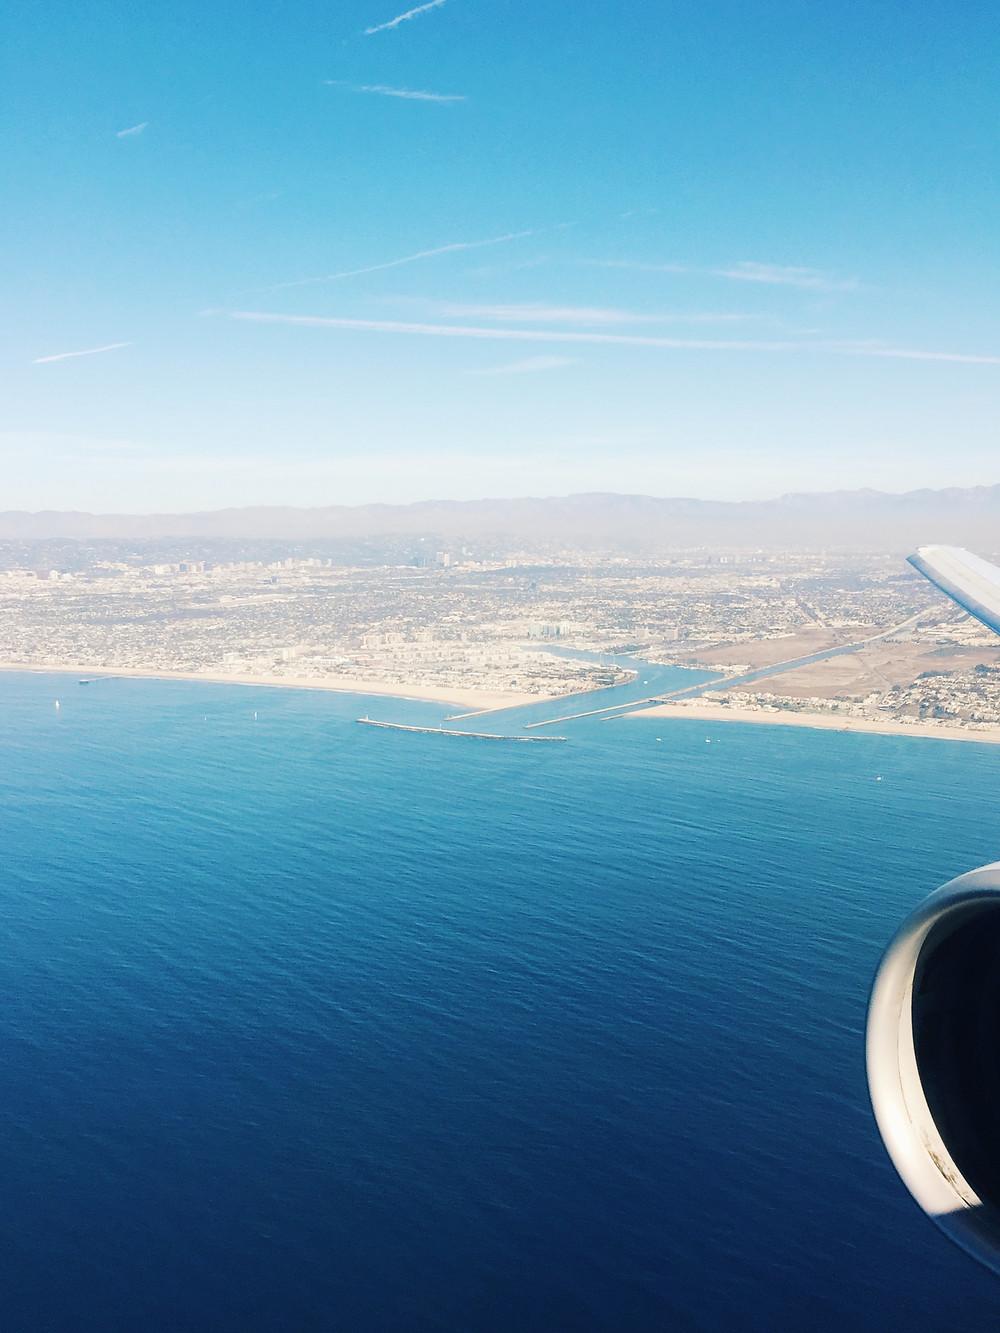 LAX, Departure Views